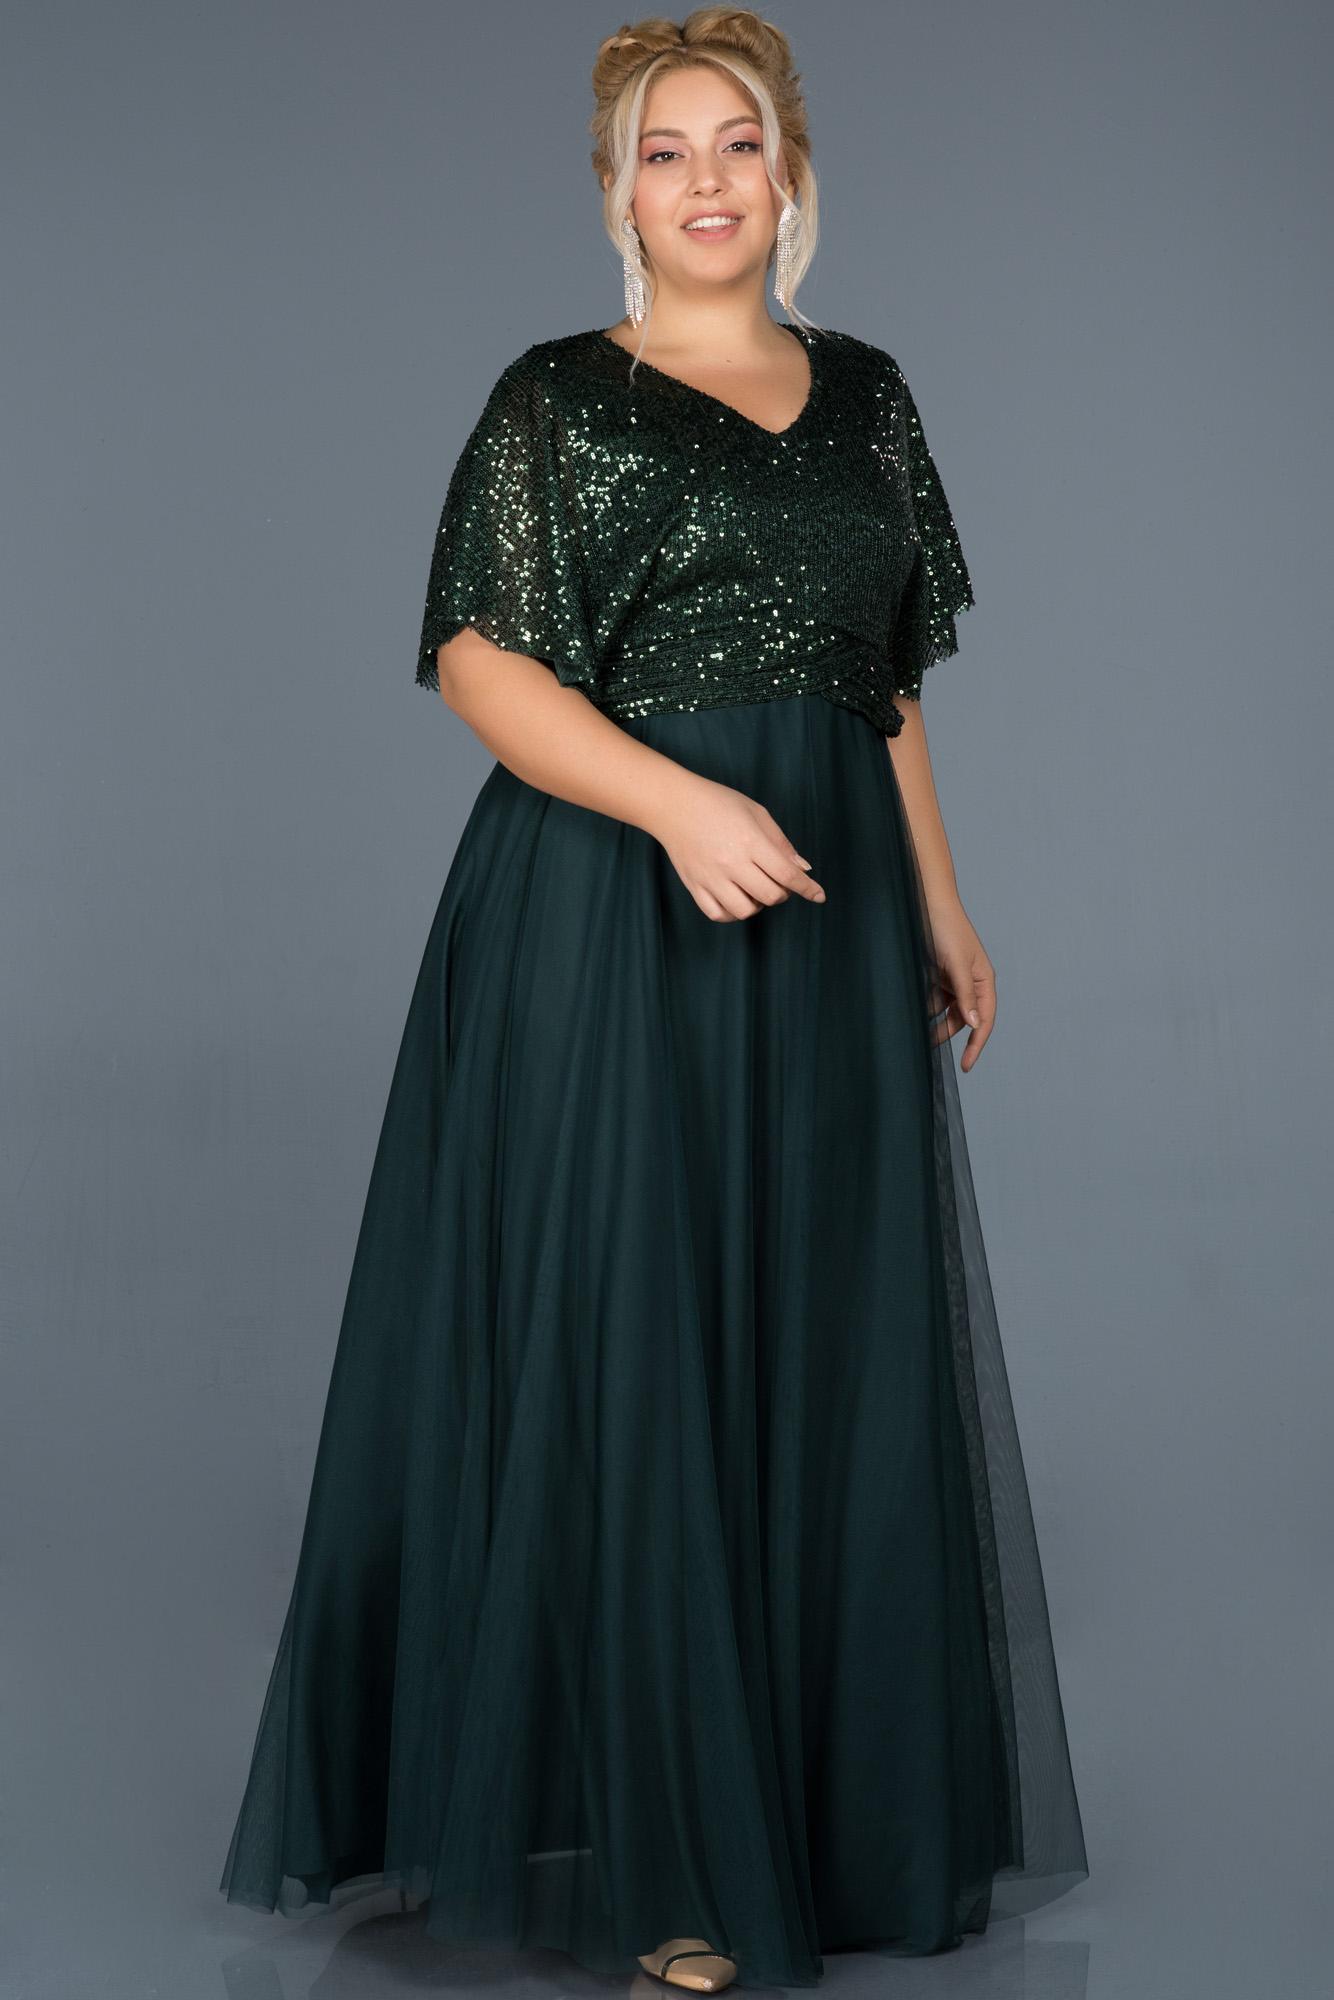 Zümrüt Yeşili Uzun Payetli Büyük Beden Davet Elbisesi